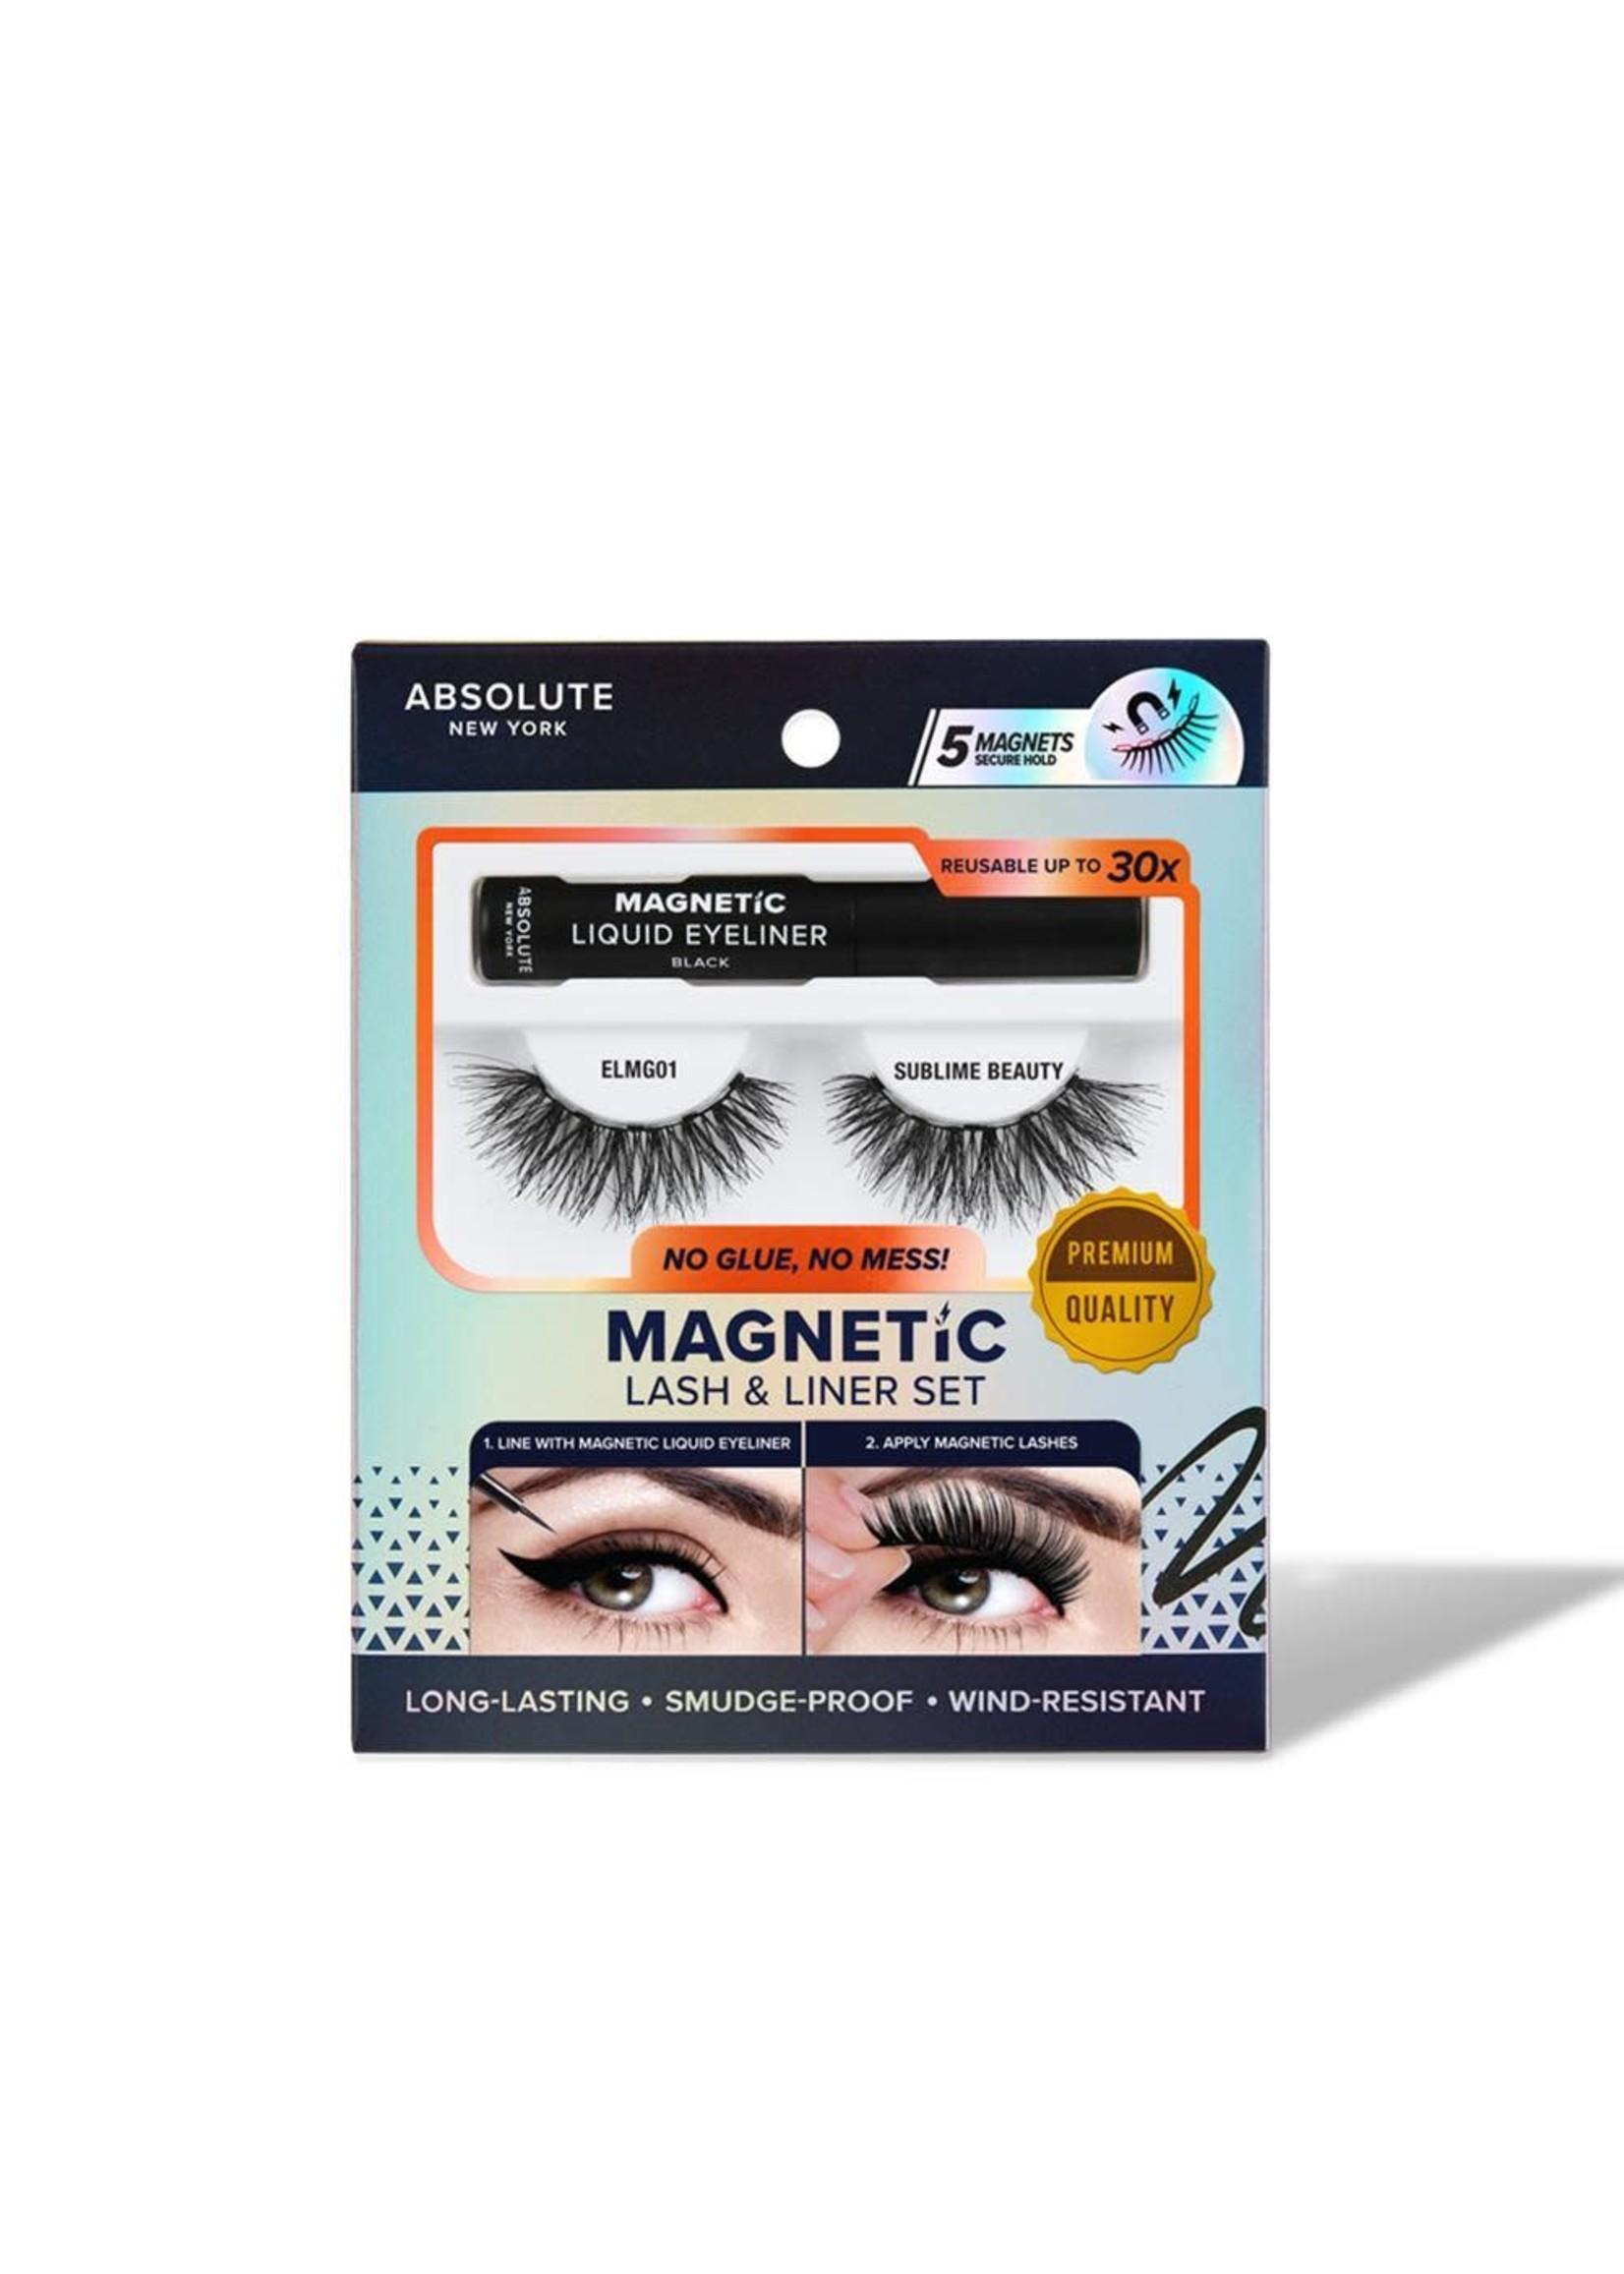 Magnetic Lash & Liner Set